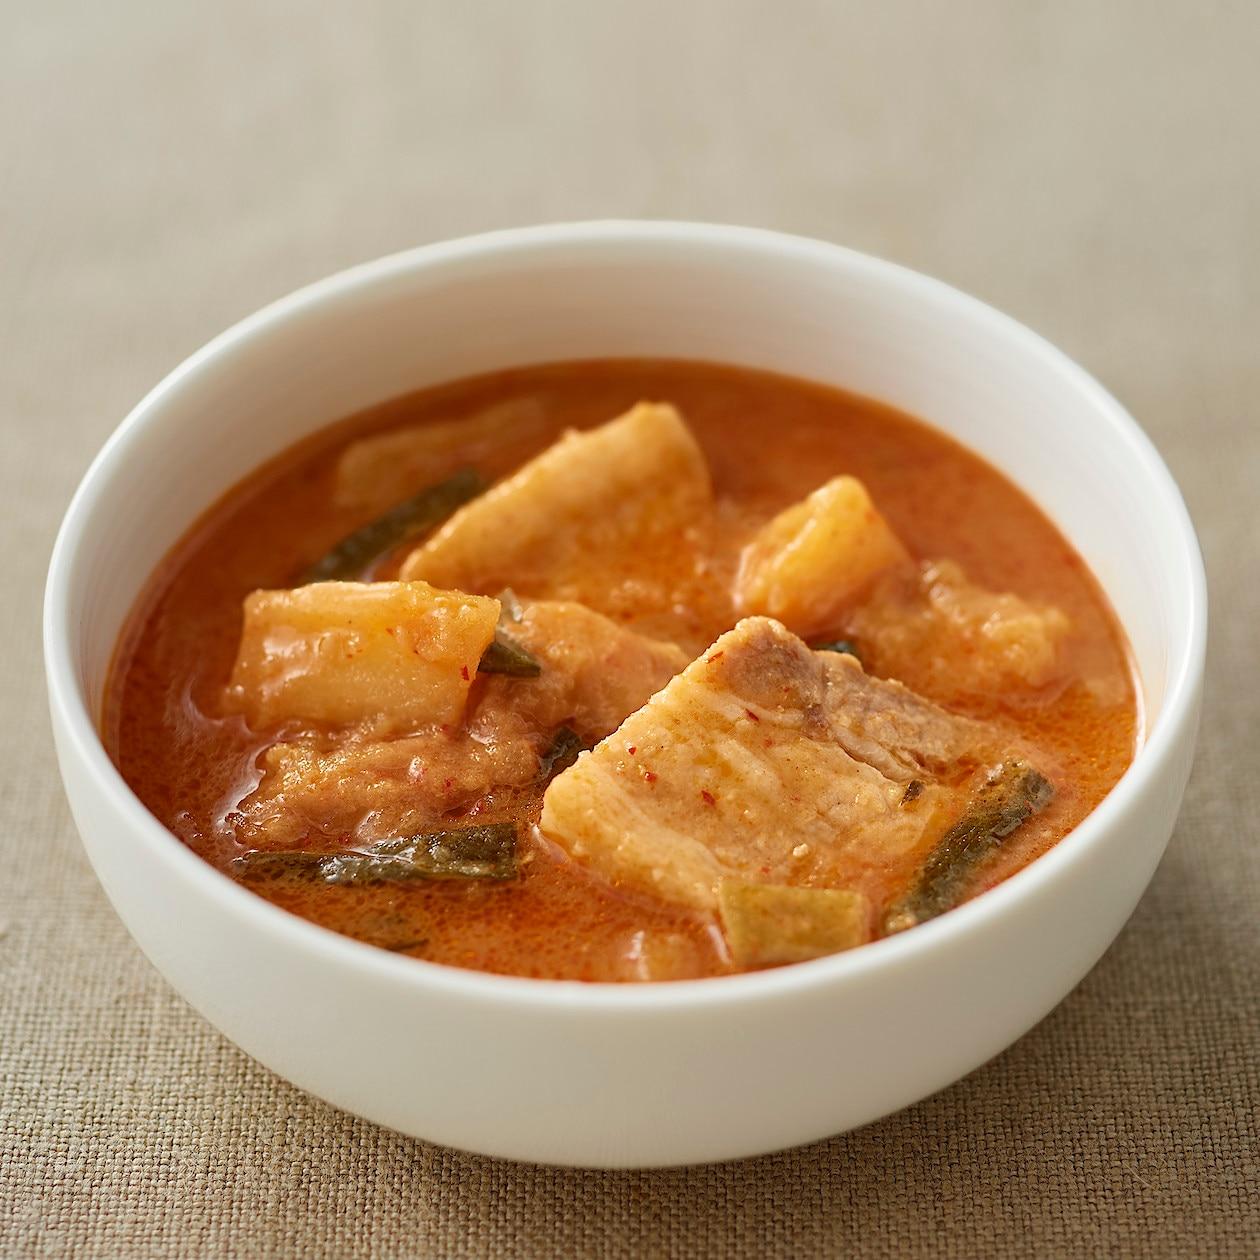 カムジャタン(韓国風豚肉とじゃがいもの煮込み)